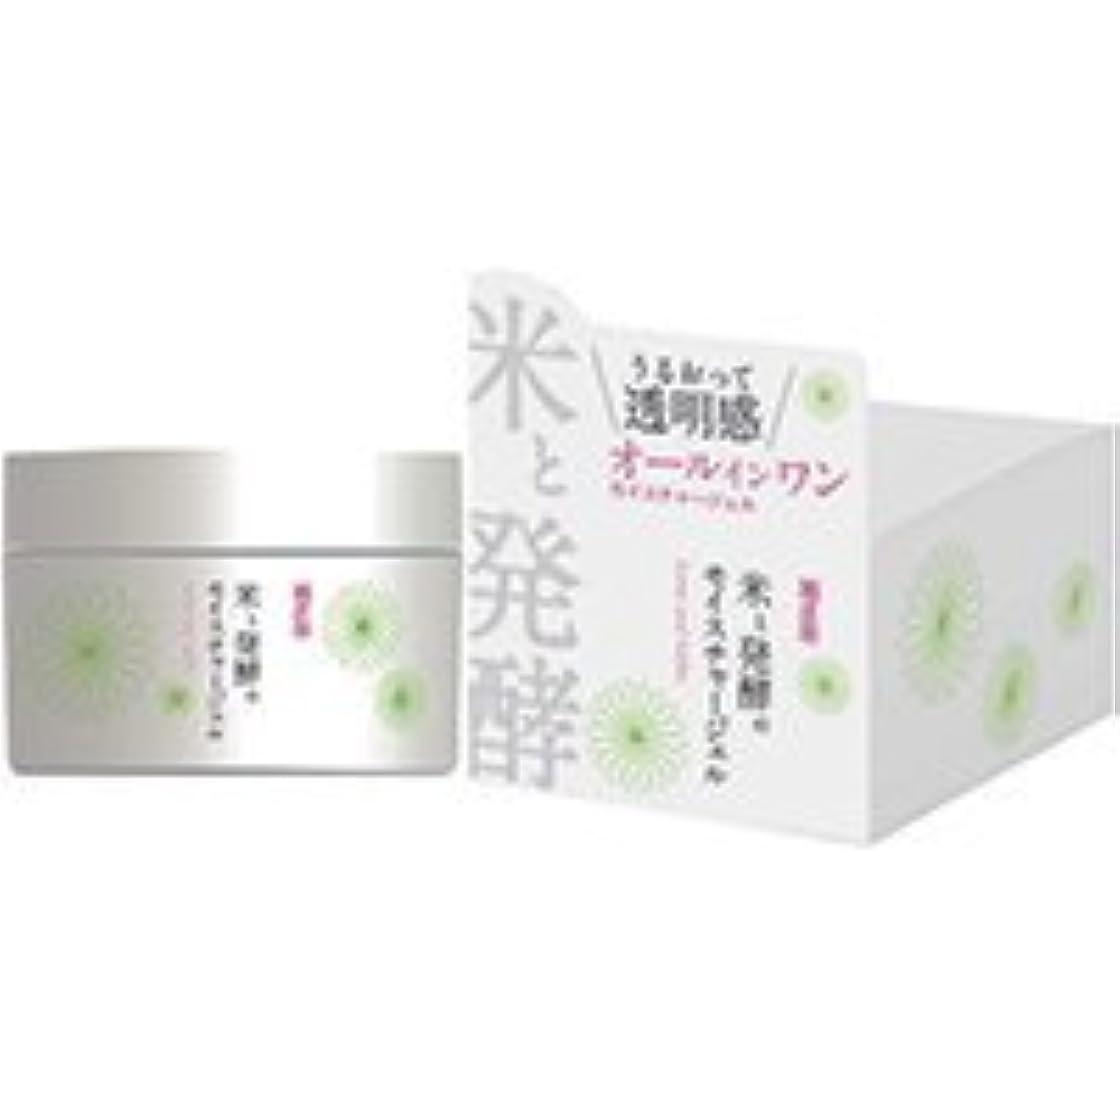 司書可愛い寄生虫菊正宗 米と発酵のモイスチャージェル 150g